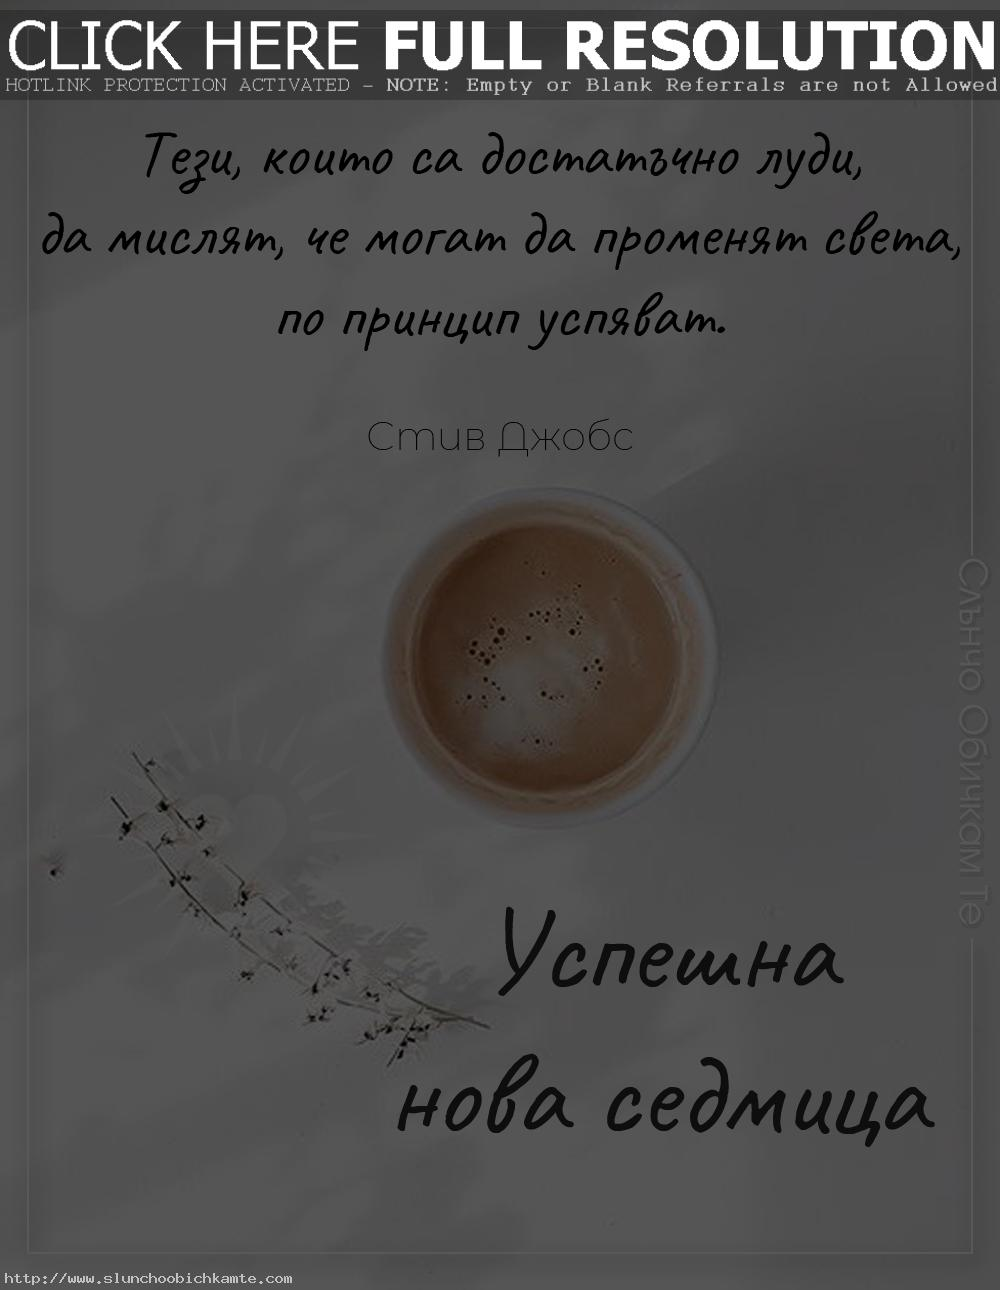 Успешна нова седмица с цитат на Стив Джобс, добро утро в понеделник, хубав понеделник, пожелания за добро утро